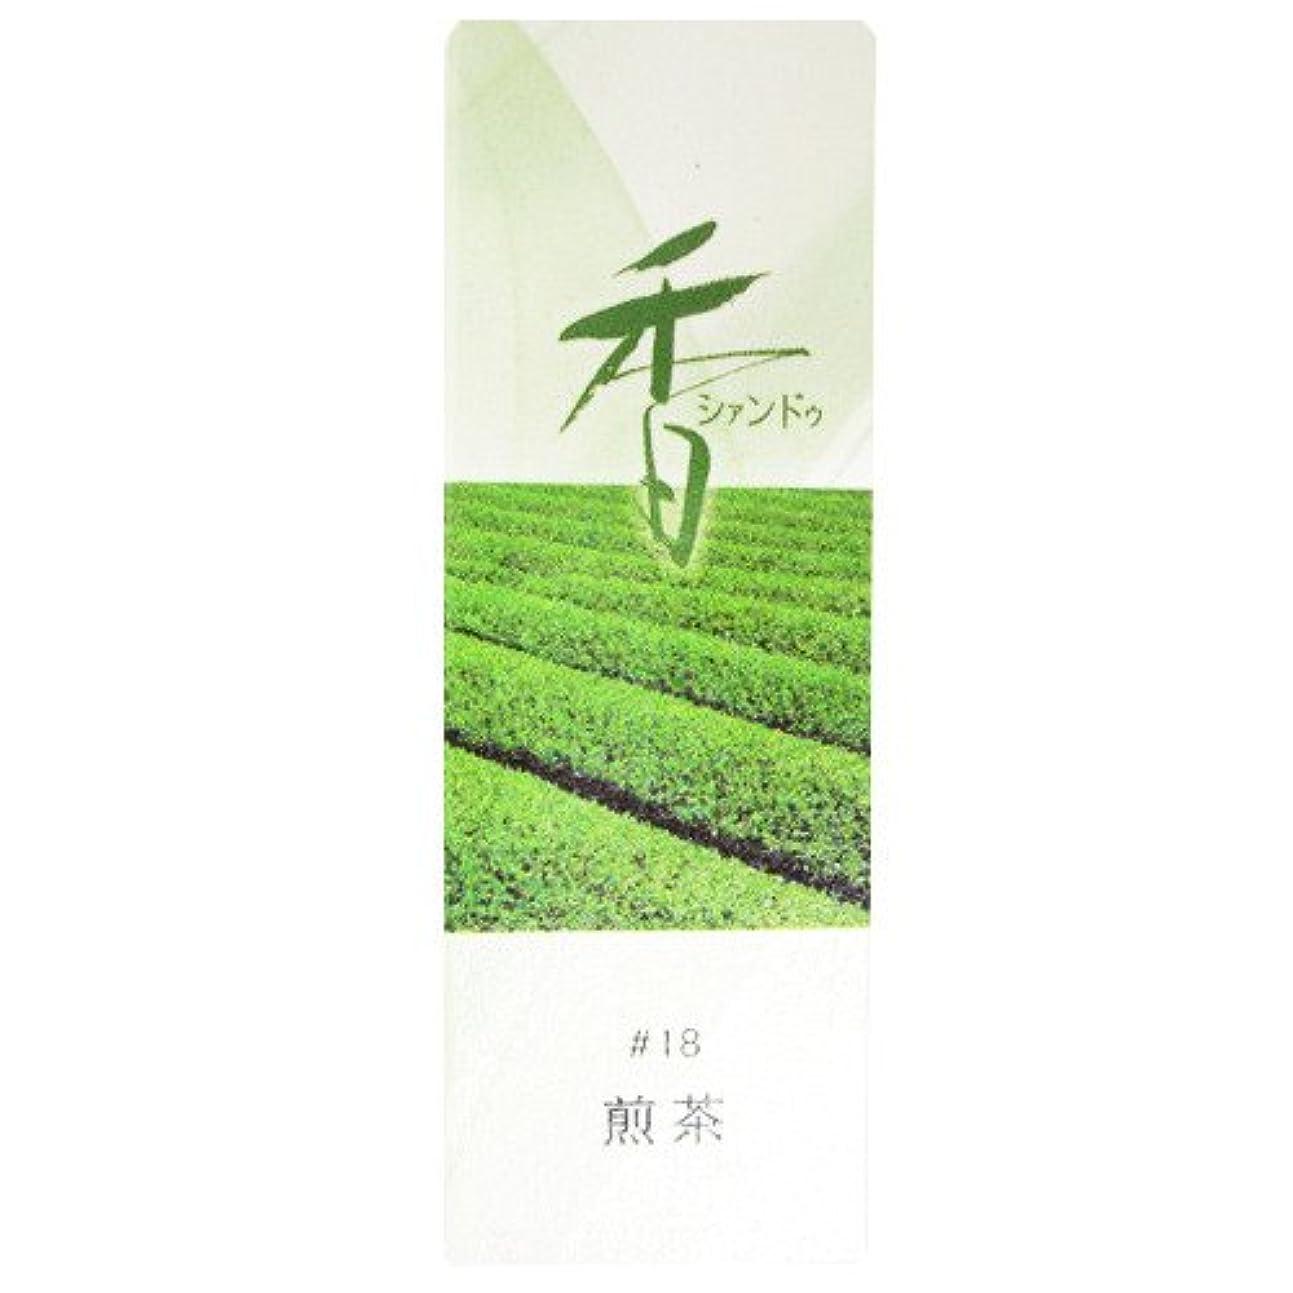 落ち着かない満足させる再生的松栄堂のお香 Xiang Do(シャンドゥ) 煎茶 ST20本入 簡易香立付 #214218